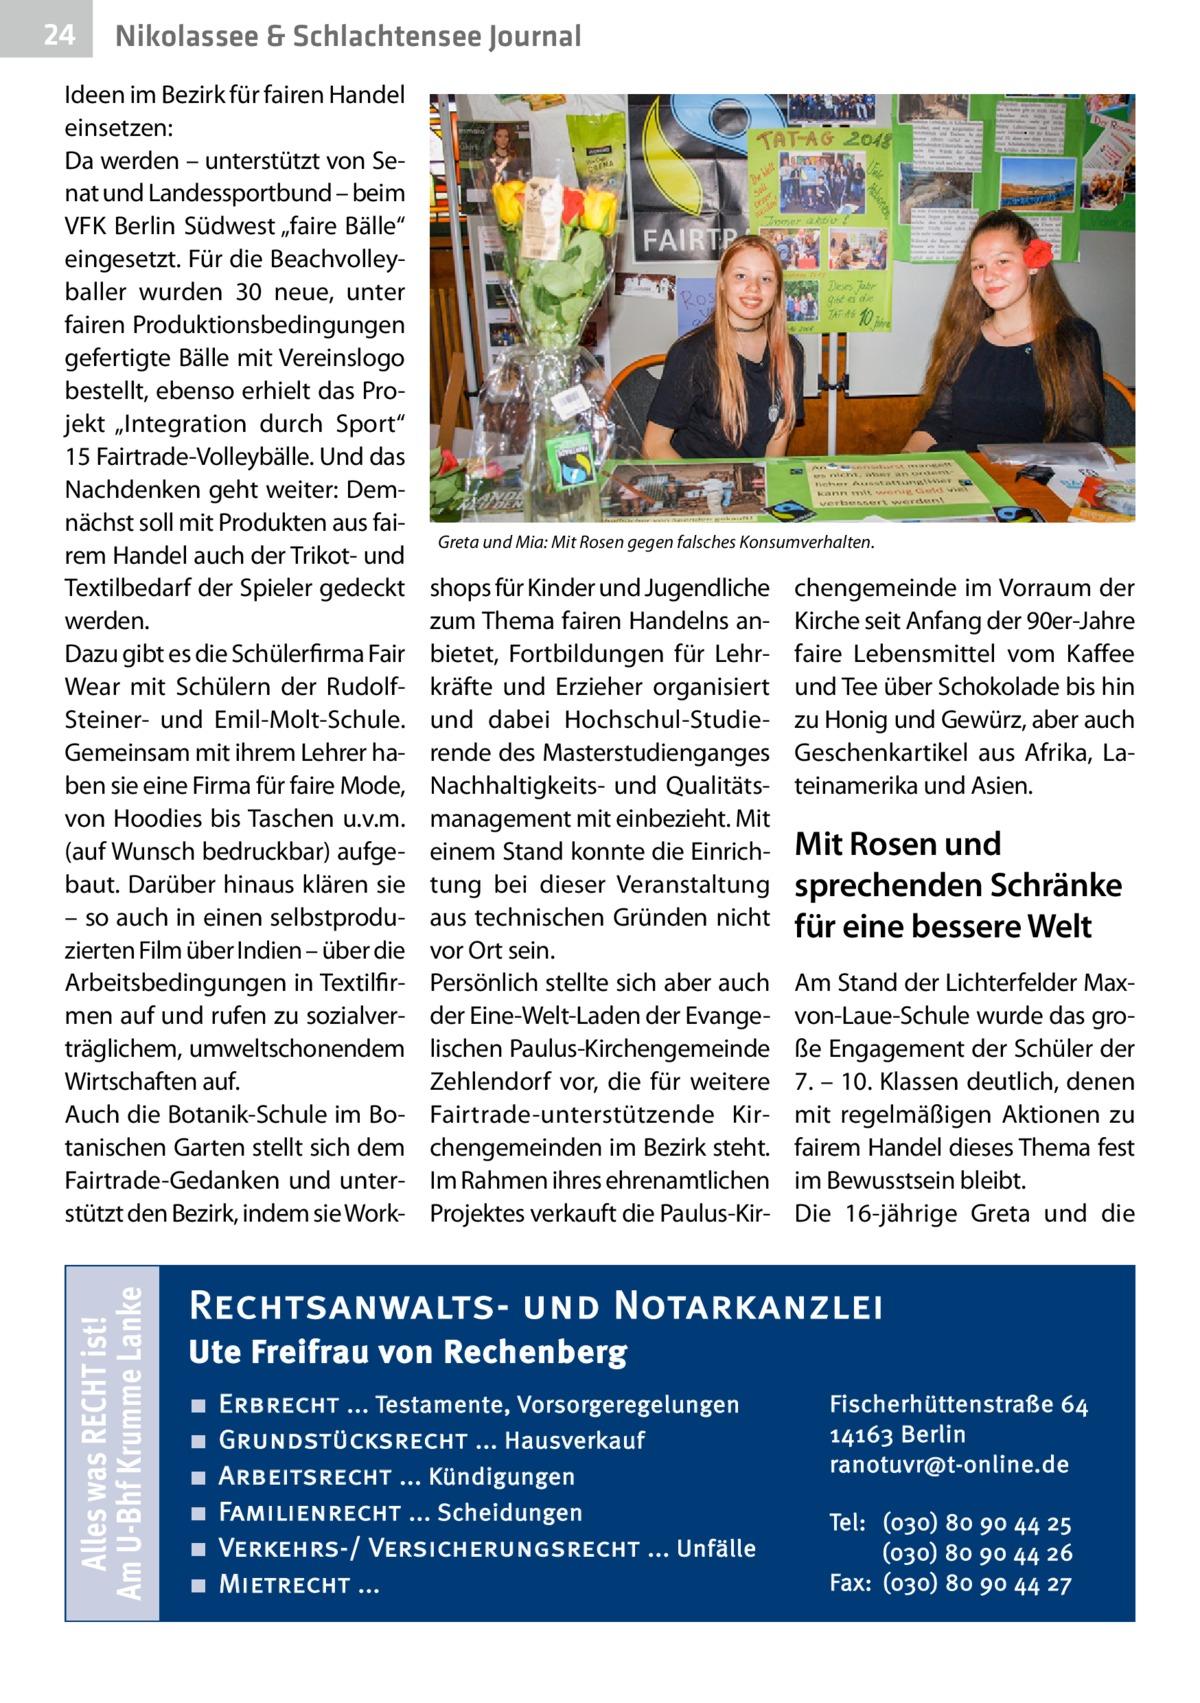 """24  Nikolassee & Schlachtensee Journal  Alles was RECHT ist! Am U-Bhf Krumme Lanke  Ideen im Bezirk für fairen Handel einsetzen: Da werden – unterstützt von Senat und Landessportbund – beim VFK Berlin Südwest """"faire Bälle"""" eingesetzt. Für die Beachvolleyballer wurden 30 neue, unter fairen Produktionsbedingungen gefertigte Bälle mit Vereinslogo bestellt, ebenso erhielt das Projekt """"Integration durch Sport"""" 15Fairtrade-Volleybälle. Und das Nachdenken geht weiter: Demnächst soll mit Produkten aus fairem Handel auch der Trikot- und Textilbedarf der Spieler gedeckt werden. Dazu gibt es die Schülerfirma Fair Wear mit Schülern der RudolfSteiner- und Emil-Molt-Schule. Gemeinsam mit ihrem Lehrer haben sie eine Firma für faire Mode, von Hoodies bis Taschen u.v.m. (auf Wunsch bedruckbar) aufgebaut. Darüber hinaus klären sie – so auch in einen selbstproduzierten Film über Indien – über die Arbeitsbedingungen in Textilfirmen auf und rufen zu sozialverträglichem, umweltschonendem Wirtschaften auf. Auch die Botanik-Schule im Botanischen Garten stellt sich dem Fairtrade-Gedanken und unterstützt den Bezirk, indem sie Work Greta und Mia: Mit Rosen gegen falsches Konsumverhalten.  shops für Kinder und Jugendliche zum Thema fairen Handelns anbietet, Fortbildungen für Lehrkräfte und Erzieher organisiert und dabei Hochschul-Studierende des Masterstudienganges Nachhaltigkeits- und Qualitätsmanagement mit einbezieht. Mit einem Stand konnte die Einrichtung bei dieser Veranstaltung aus technischen Gründen nicht vor Ort sein. Persönlich stellte sich aber auch der Eine-Welt-Laden der Evangelischen Paulus-Kirchengemeinde Zehlendorf vor, die für weitere Fairtrade-unterstützende Kirchengemeinden im Bezirk steht. Im Rahmen ihres ehrenamtlichen Projektes verkauft die Paulus-Kir chengemeinde im Vorraum der Kirche seit Anfang der 90er-Jahre faire Lebensmittel vom Kaffee und Tee über Schokolade bis hin zu Honig und Gewürz, aber auch Geschenkartikel aus Afrika, Lateinamerika und Asien.  Mit Rosen und s"""